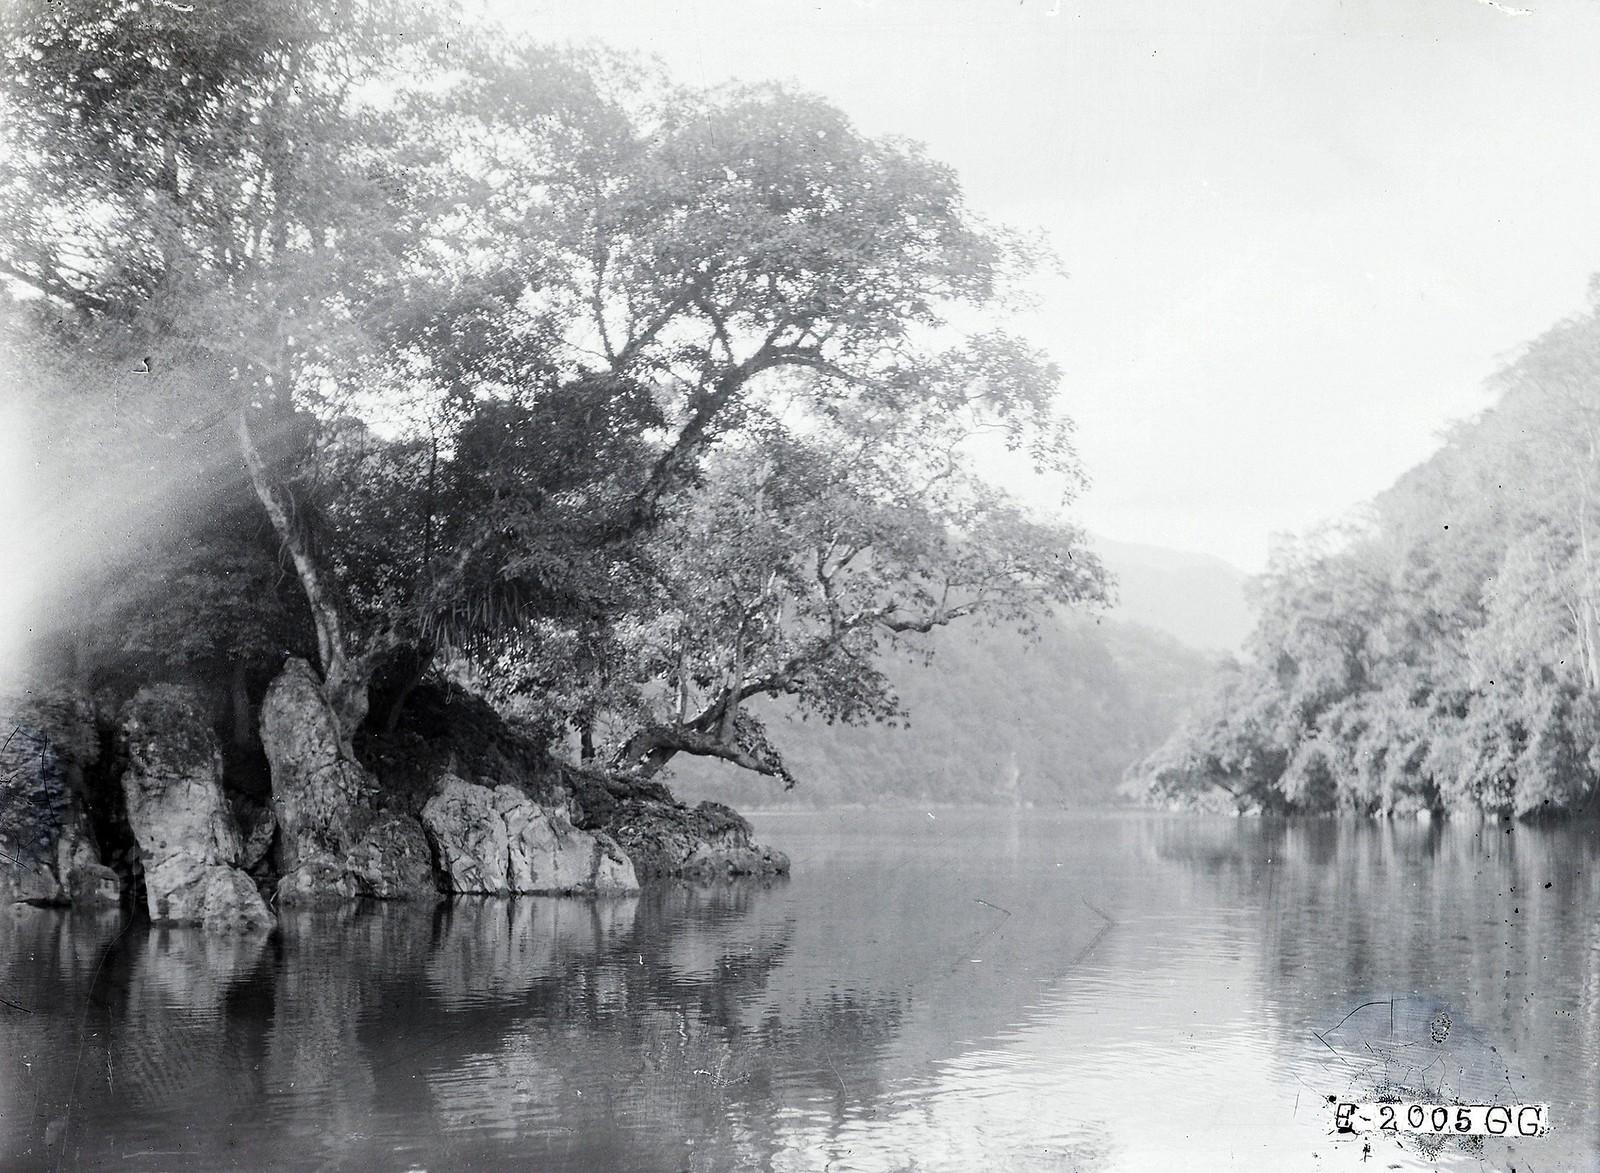 Chùm ảnh:  Hồ Ba Bể năm 1927 qua ống kính của người Pháp